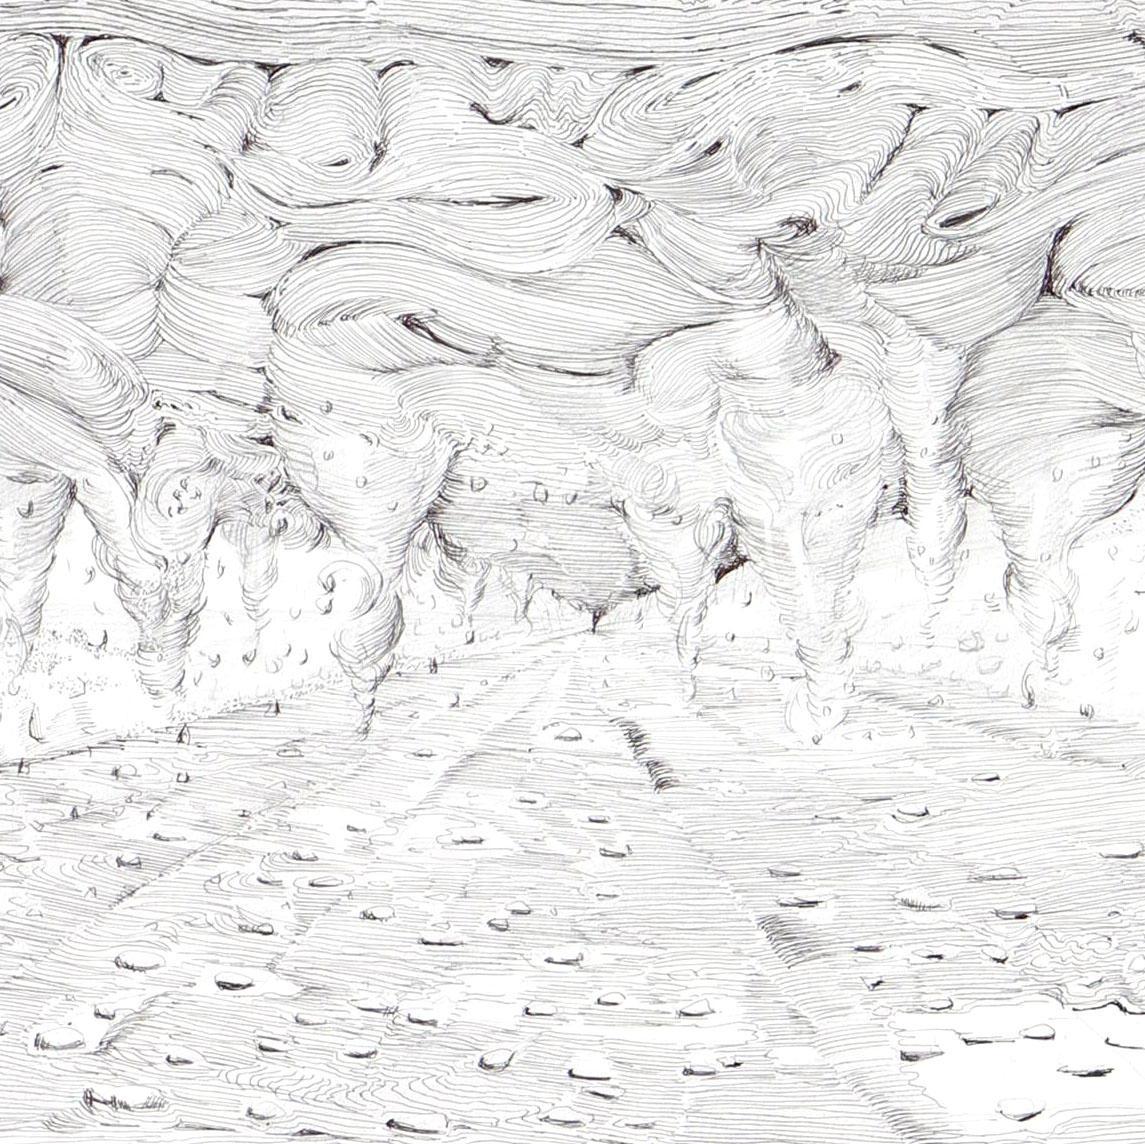 磯辺行久「ドローイングの可能性」@東京都現代美術館